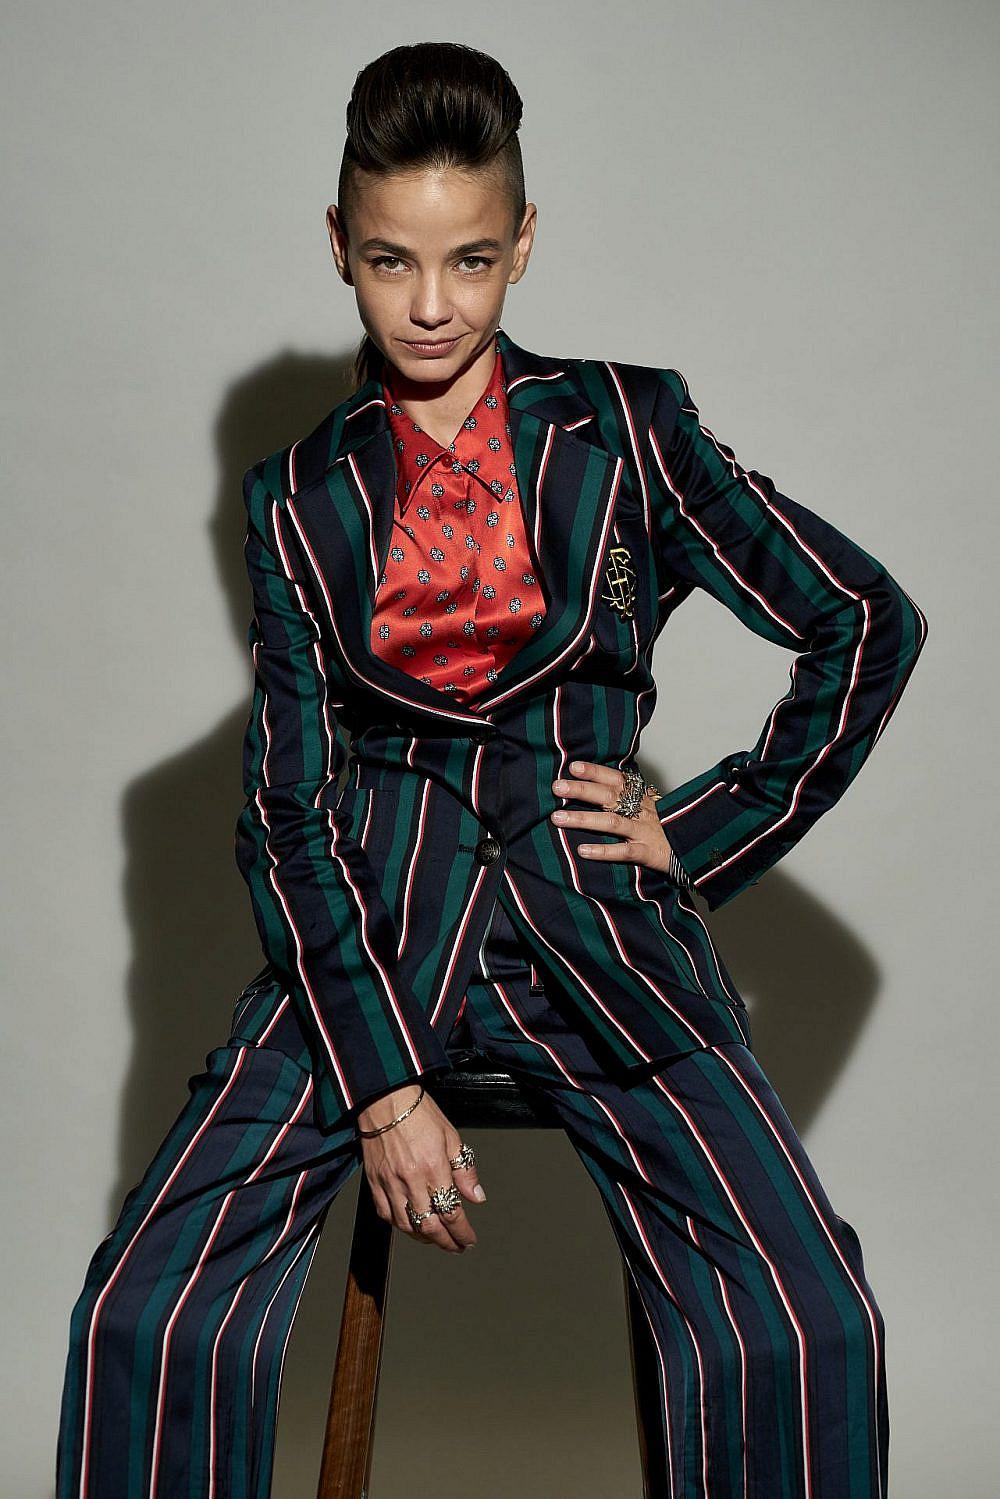 בת חן סבג | צילום: רון קדמי, סטיילינג: מזל חסון. חליפה טומי הילפיגר, חולצה L'Agence , תכשיטים ה. שטרן